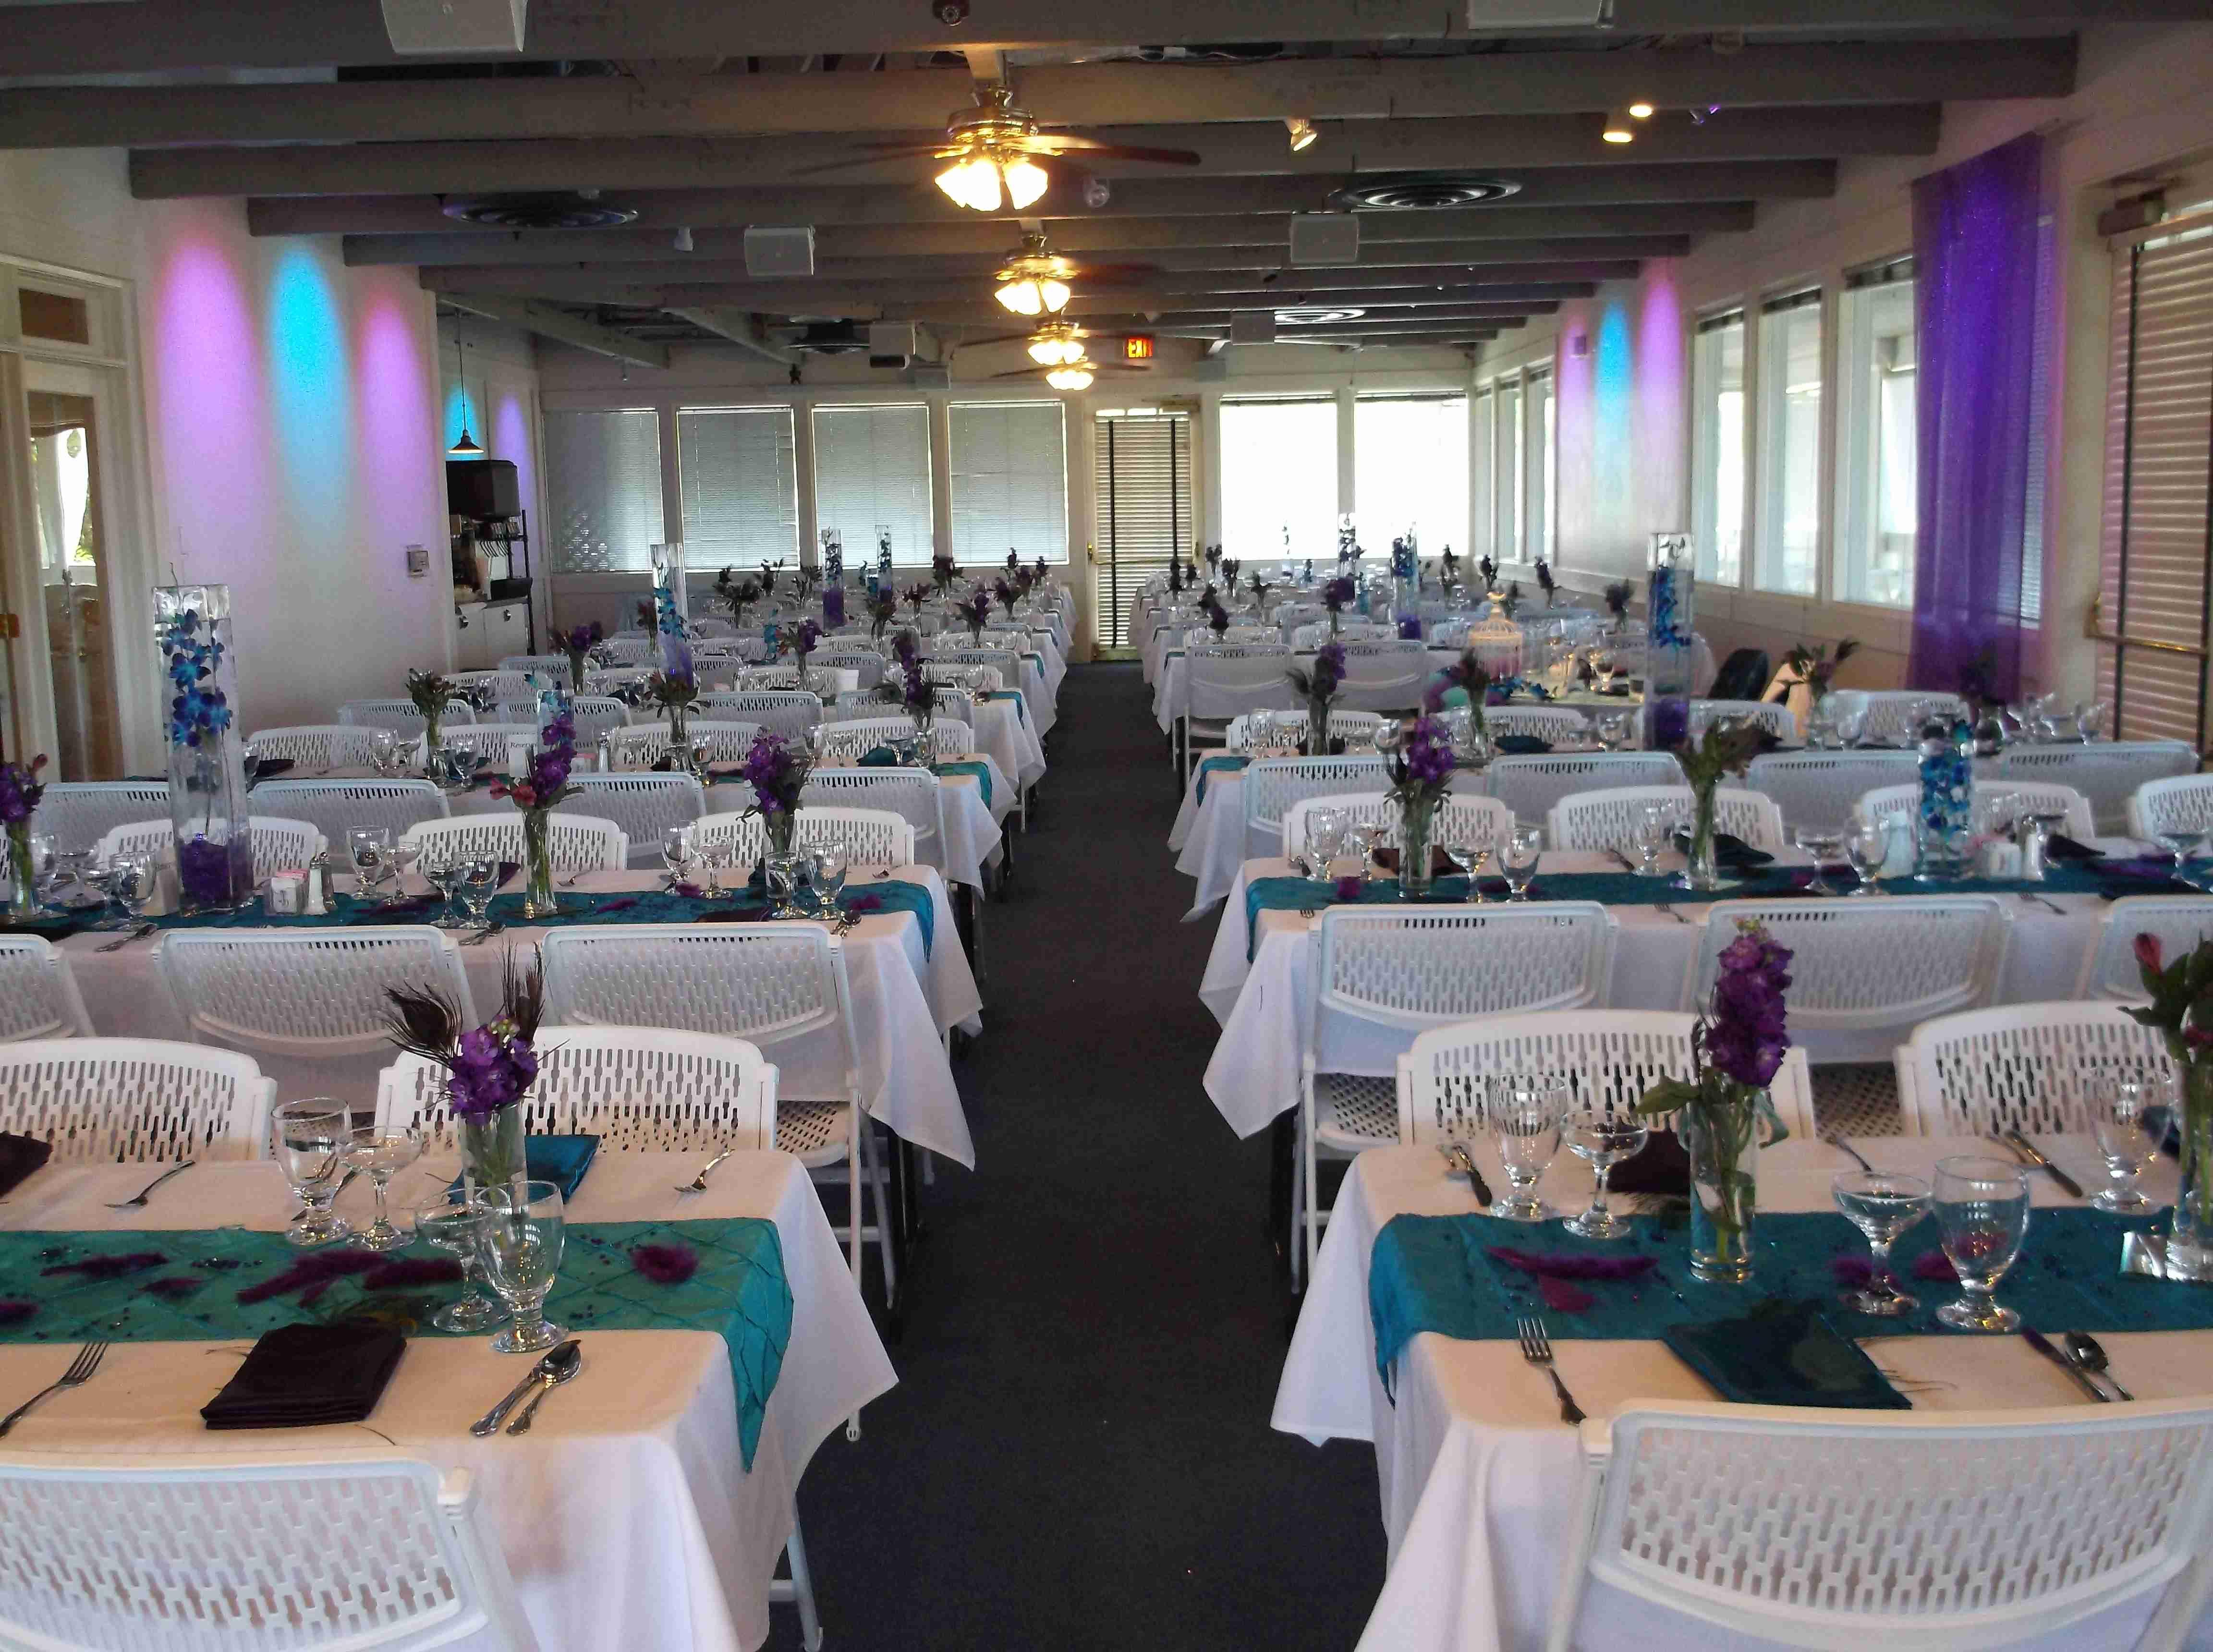 Chez Shari Banquet Facility image 20